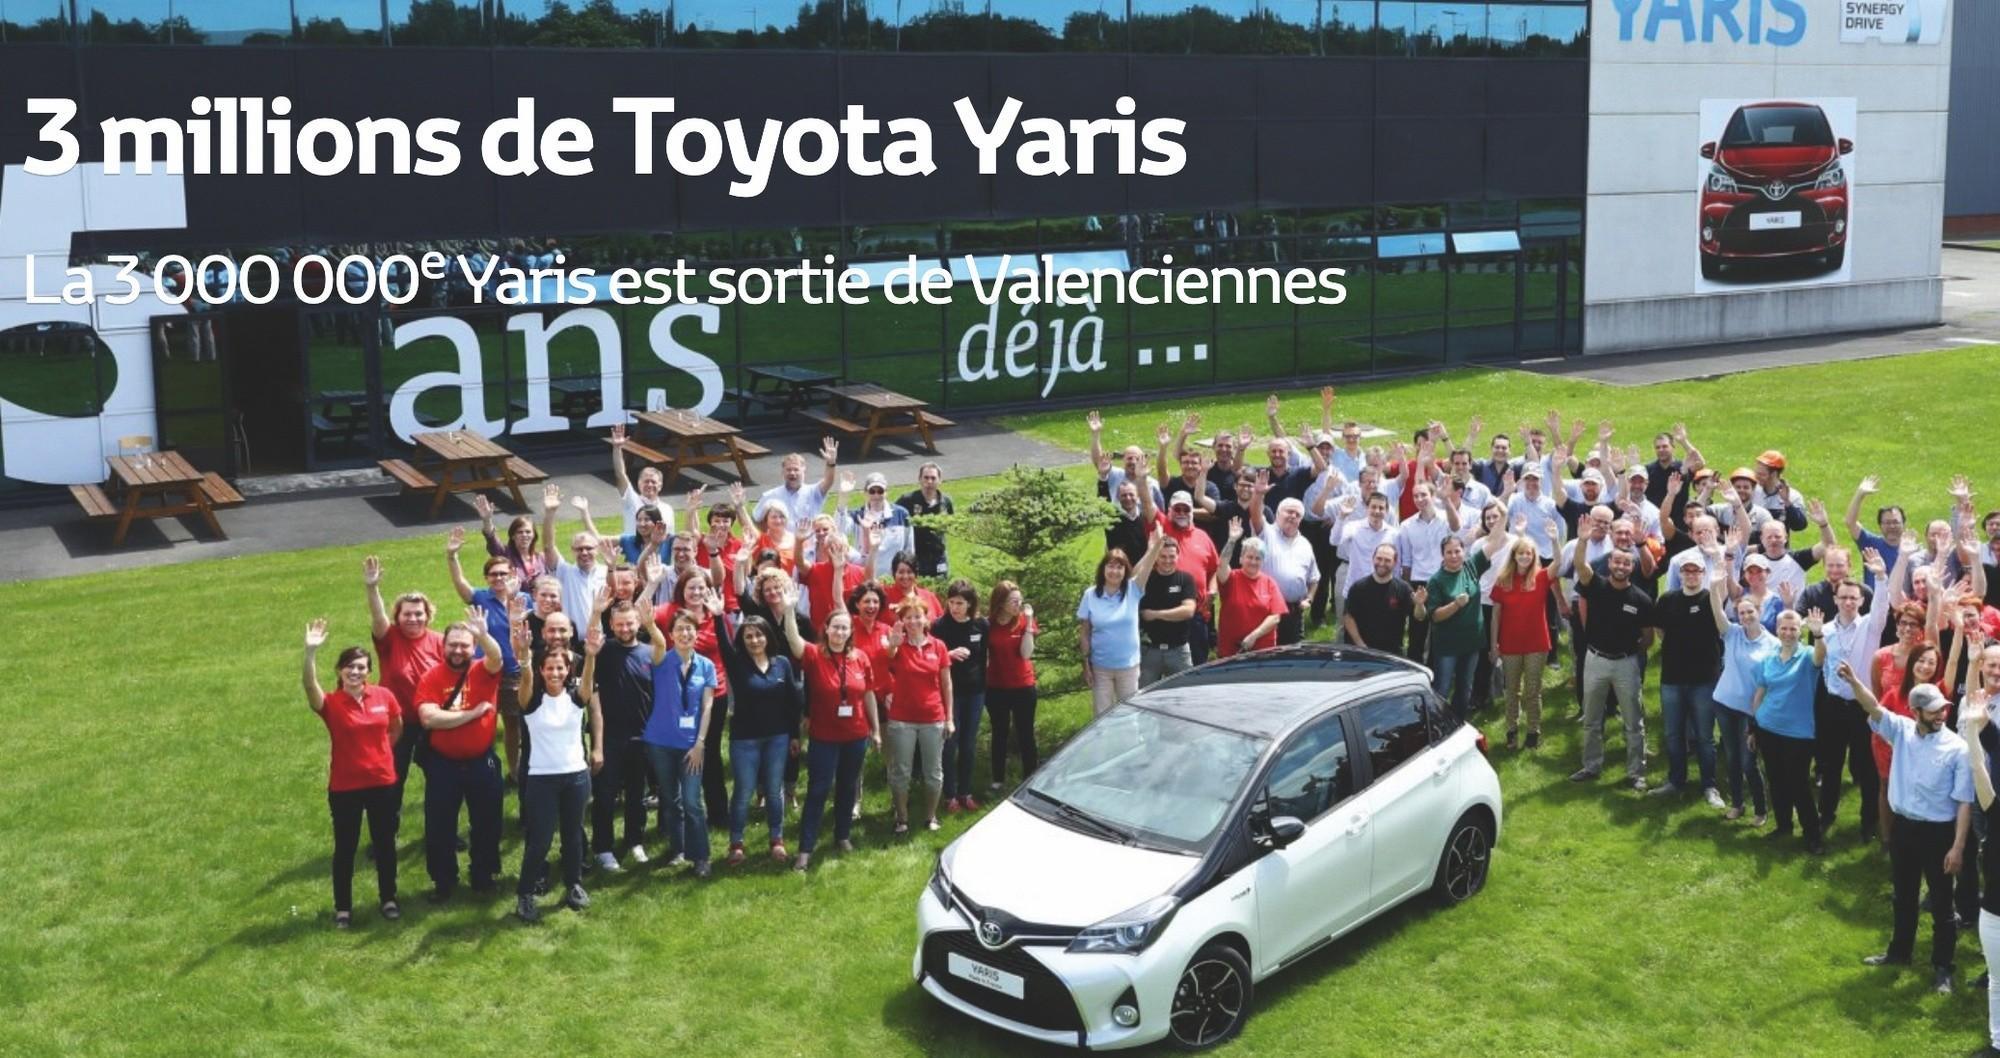 La Toyota Yaris est produite dans l'usine d'Onnaing, près de Valenciennes.